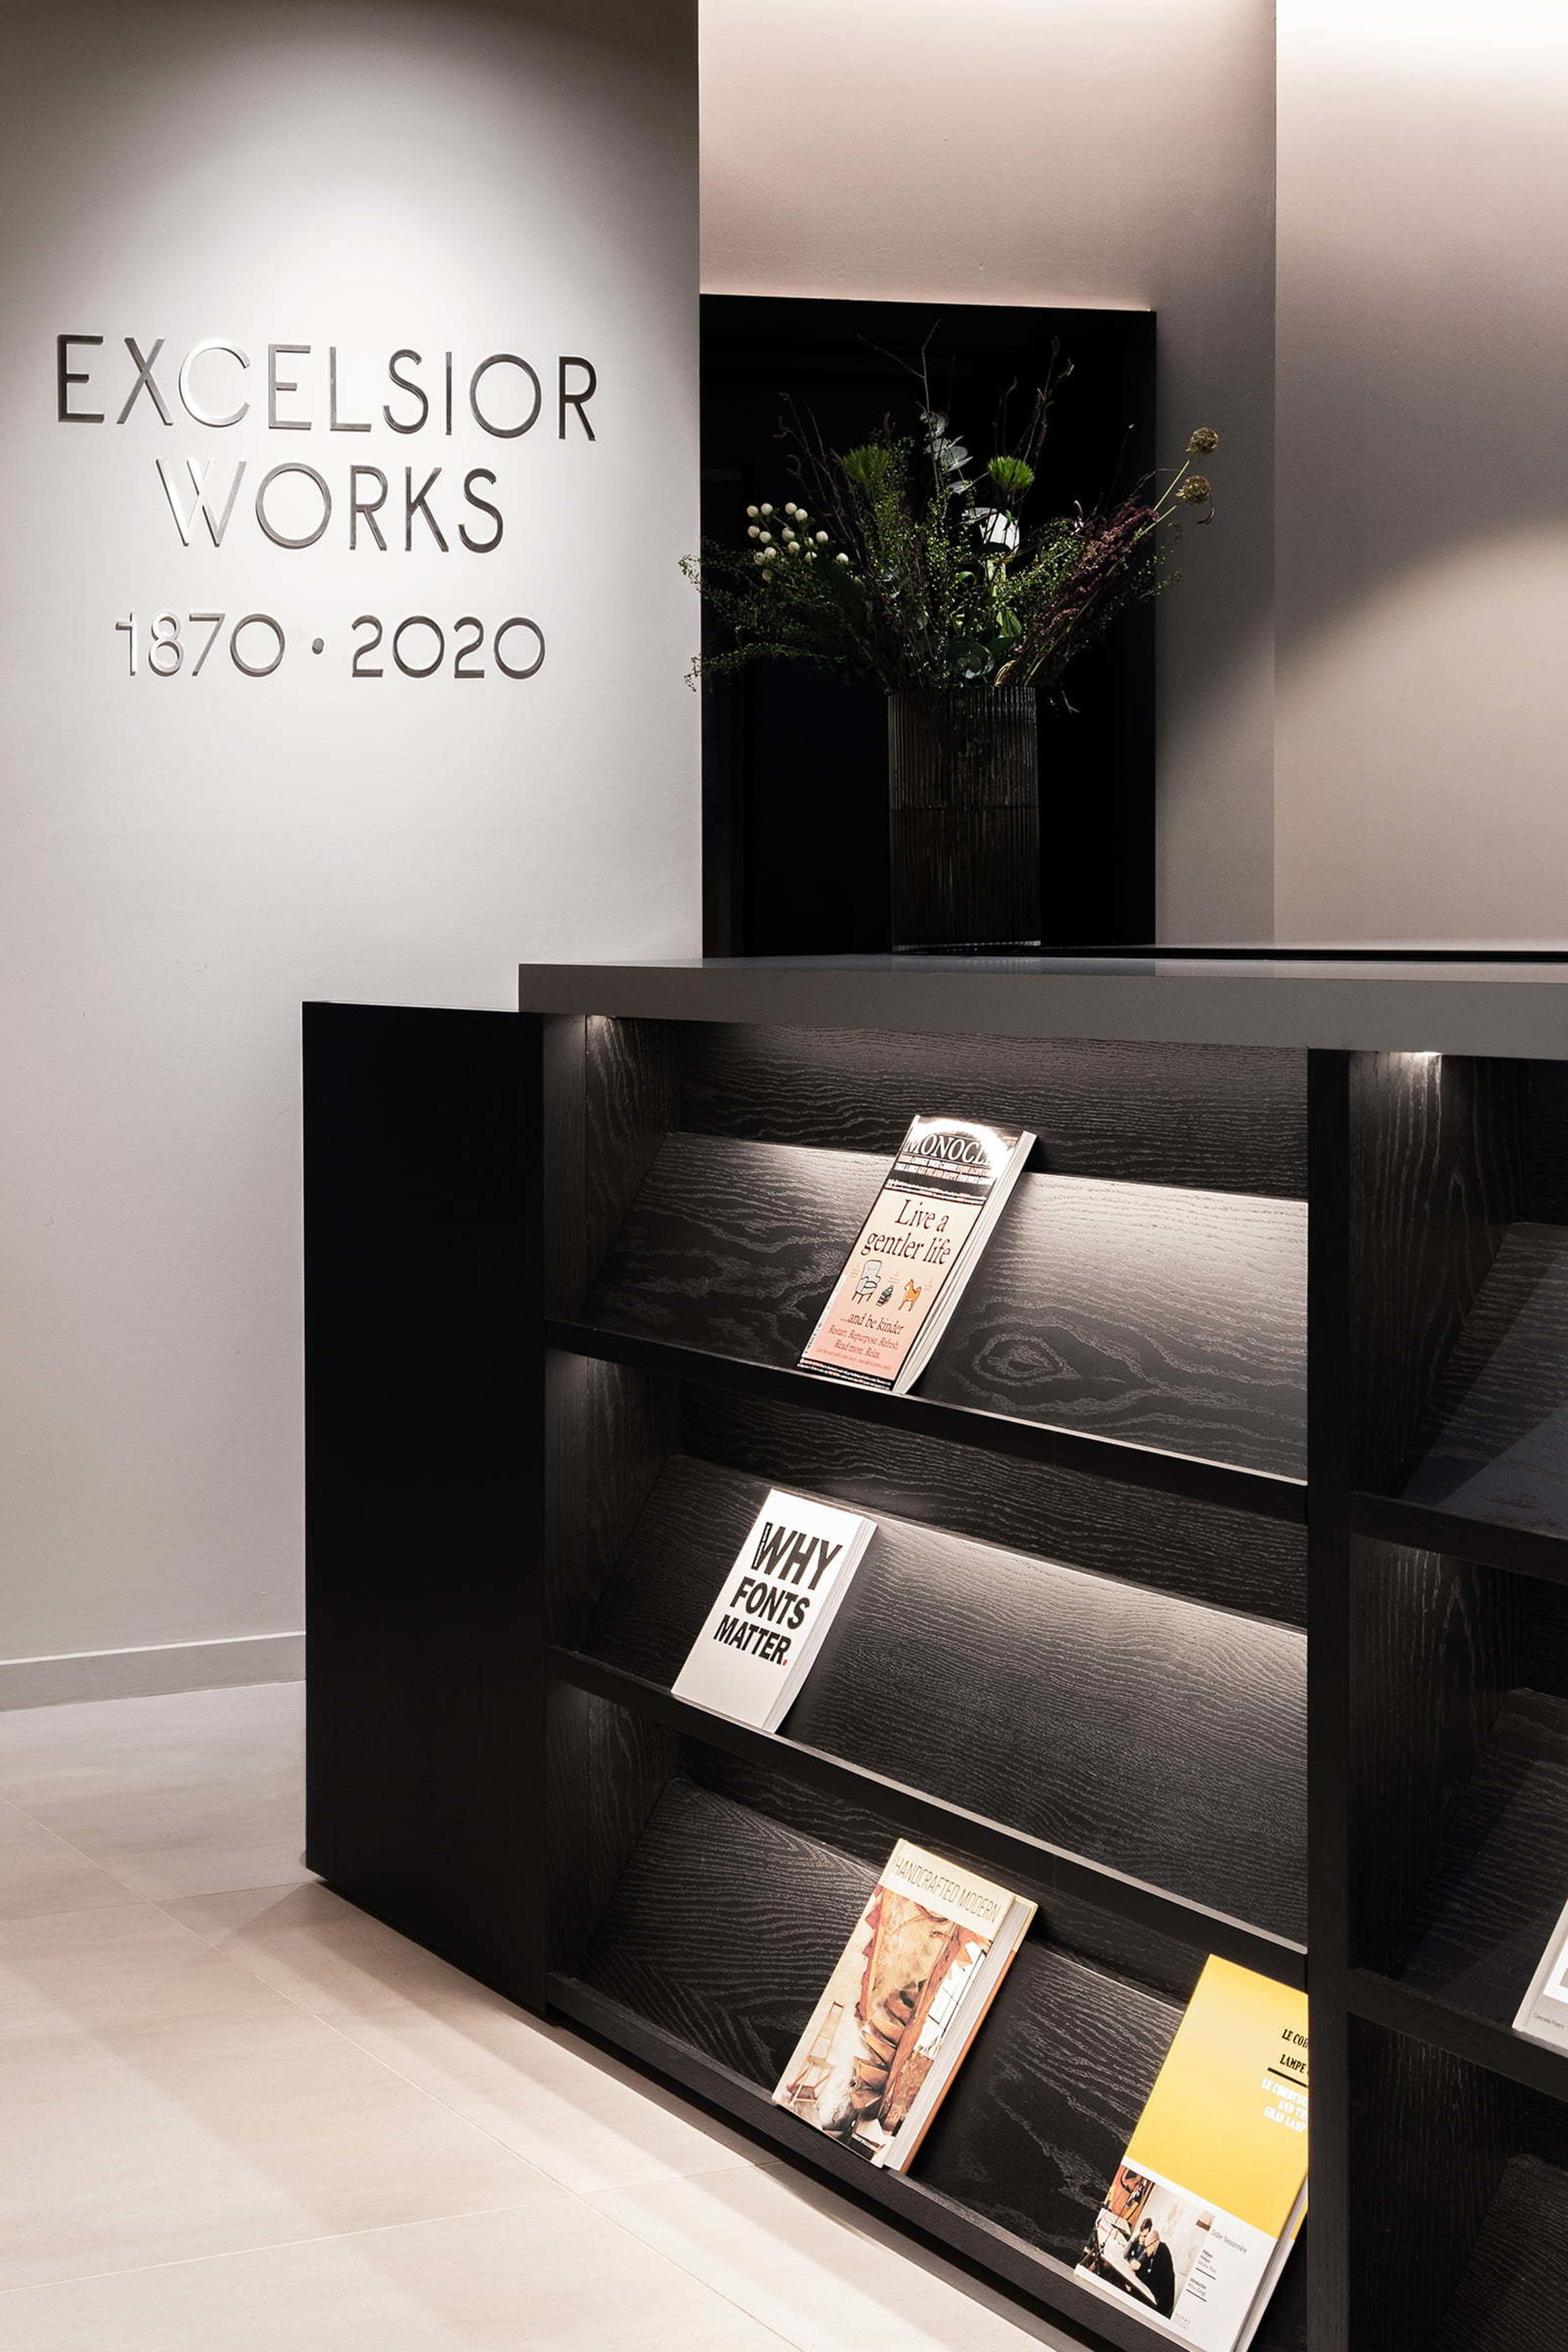 saul studio — Excelsior Works